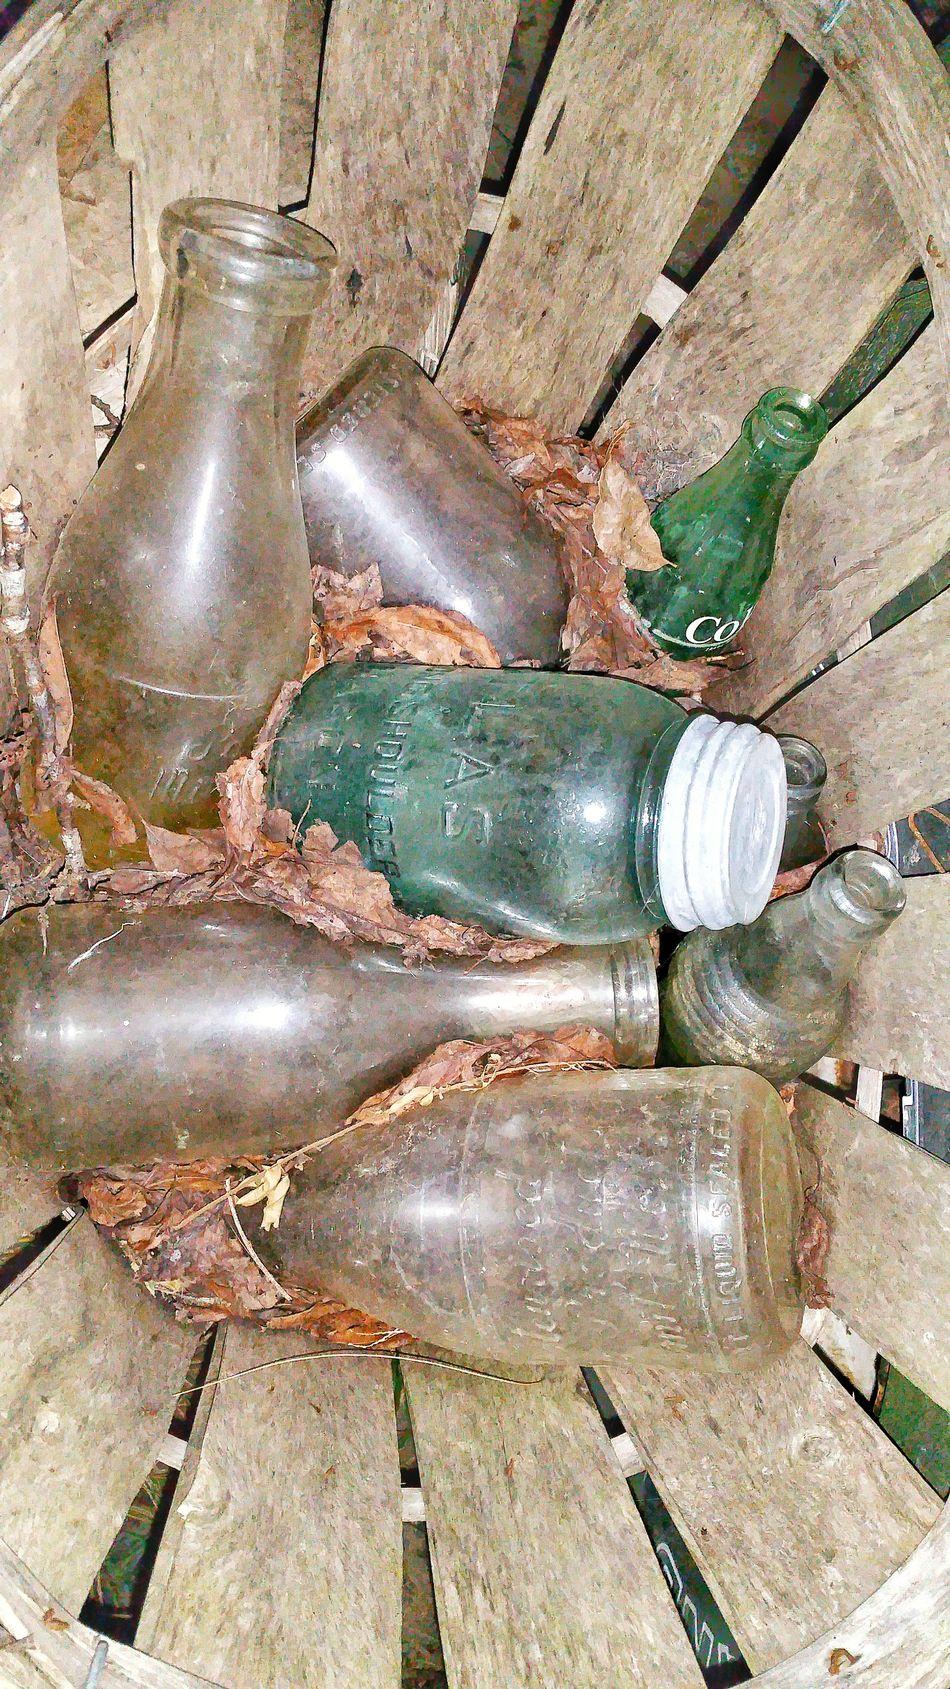 Antique Old Vintage Old Bottles Old Jars High Angle View Abandoned Wooden Basket Drink Bottles Mason Jar Old Glassware Glassware Old Milk Bottle Milk Jugs Dried Leaves Times Gone By Times Past Vintage Item Old Wine Bottle